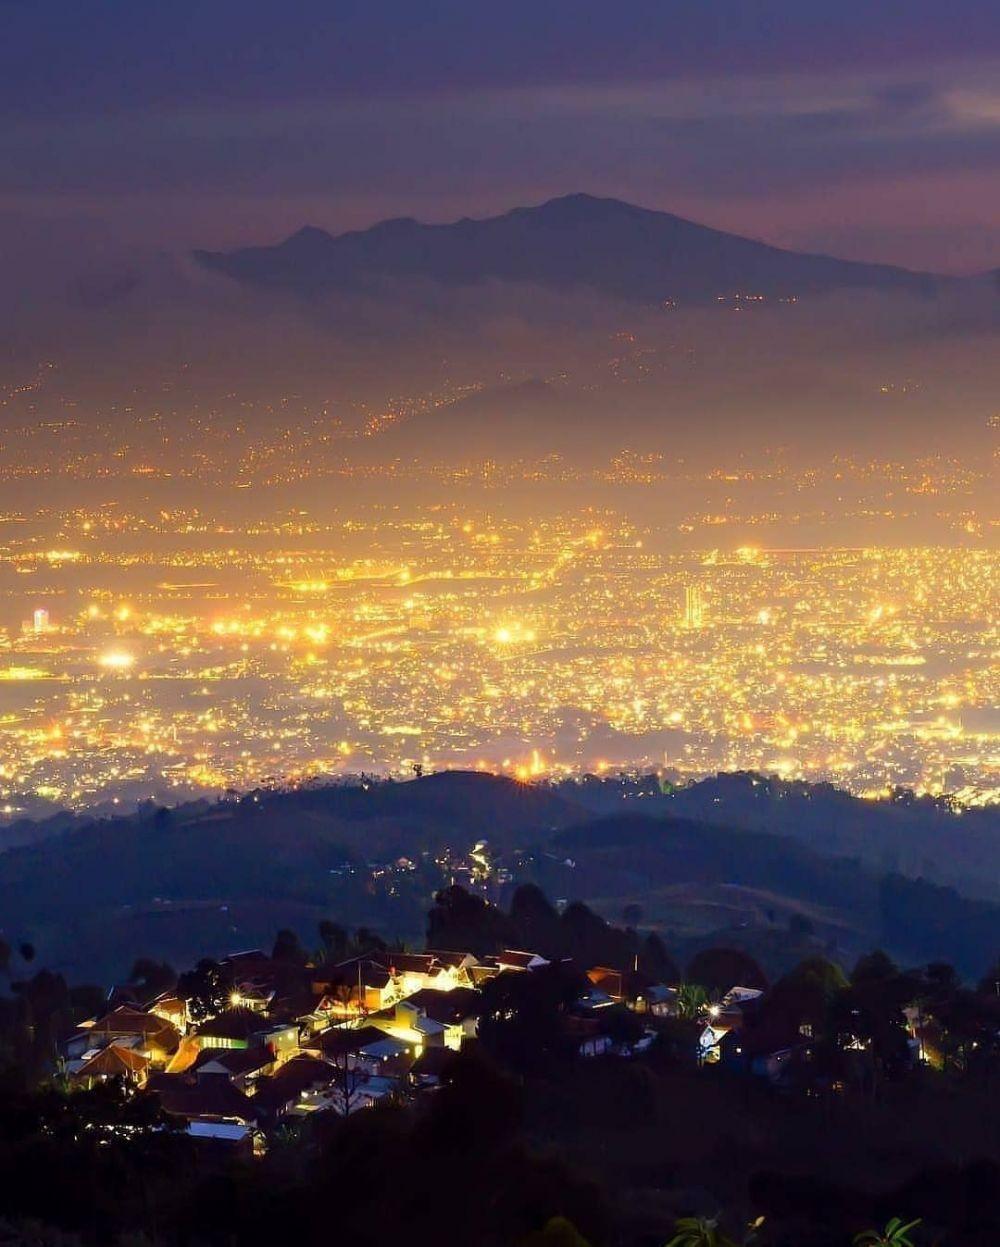 103724579 155097472794747 5943466373221229873 n fd9da838dc135cbd3f398c785e0f521f - Wisata Bukit Terindah di Indonesia